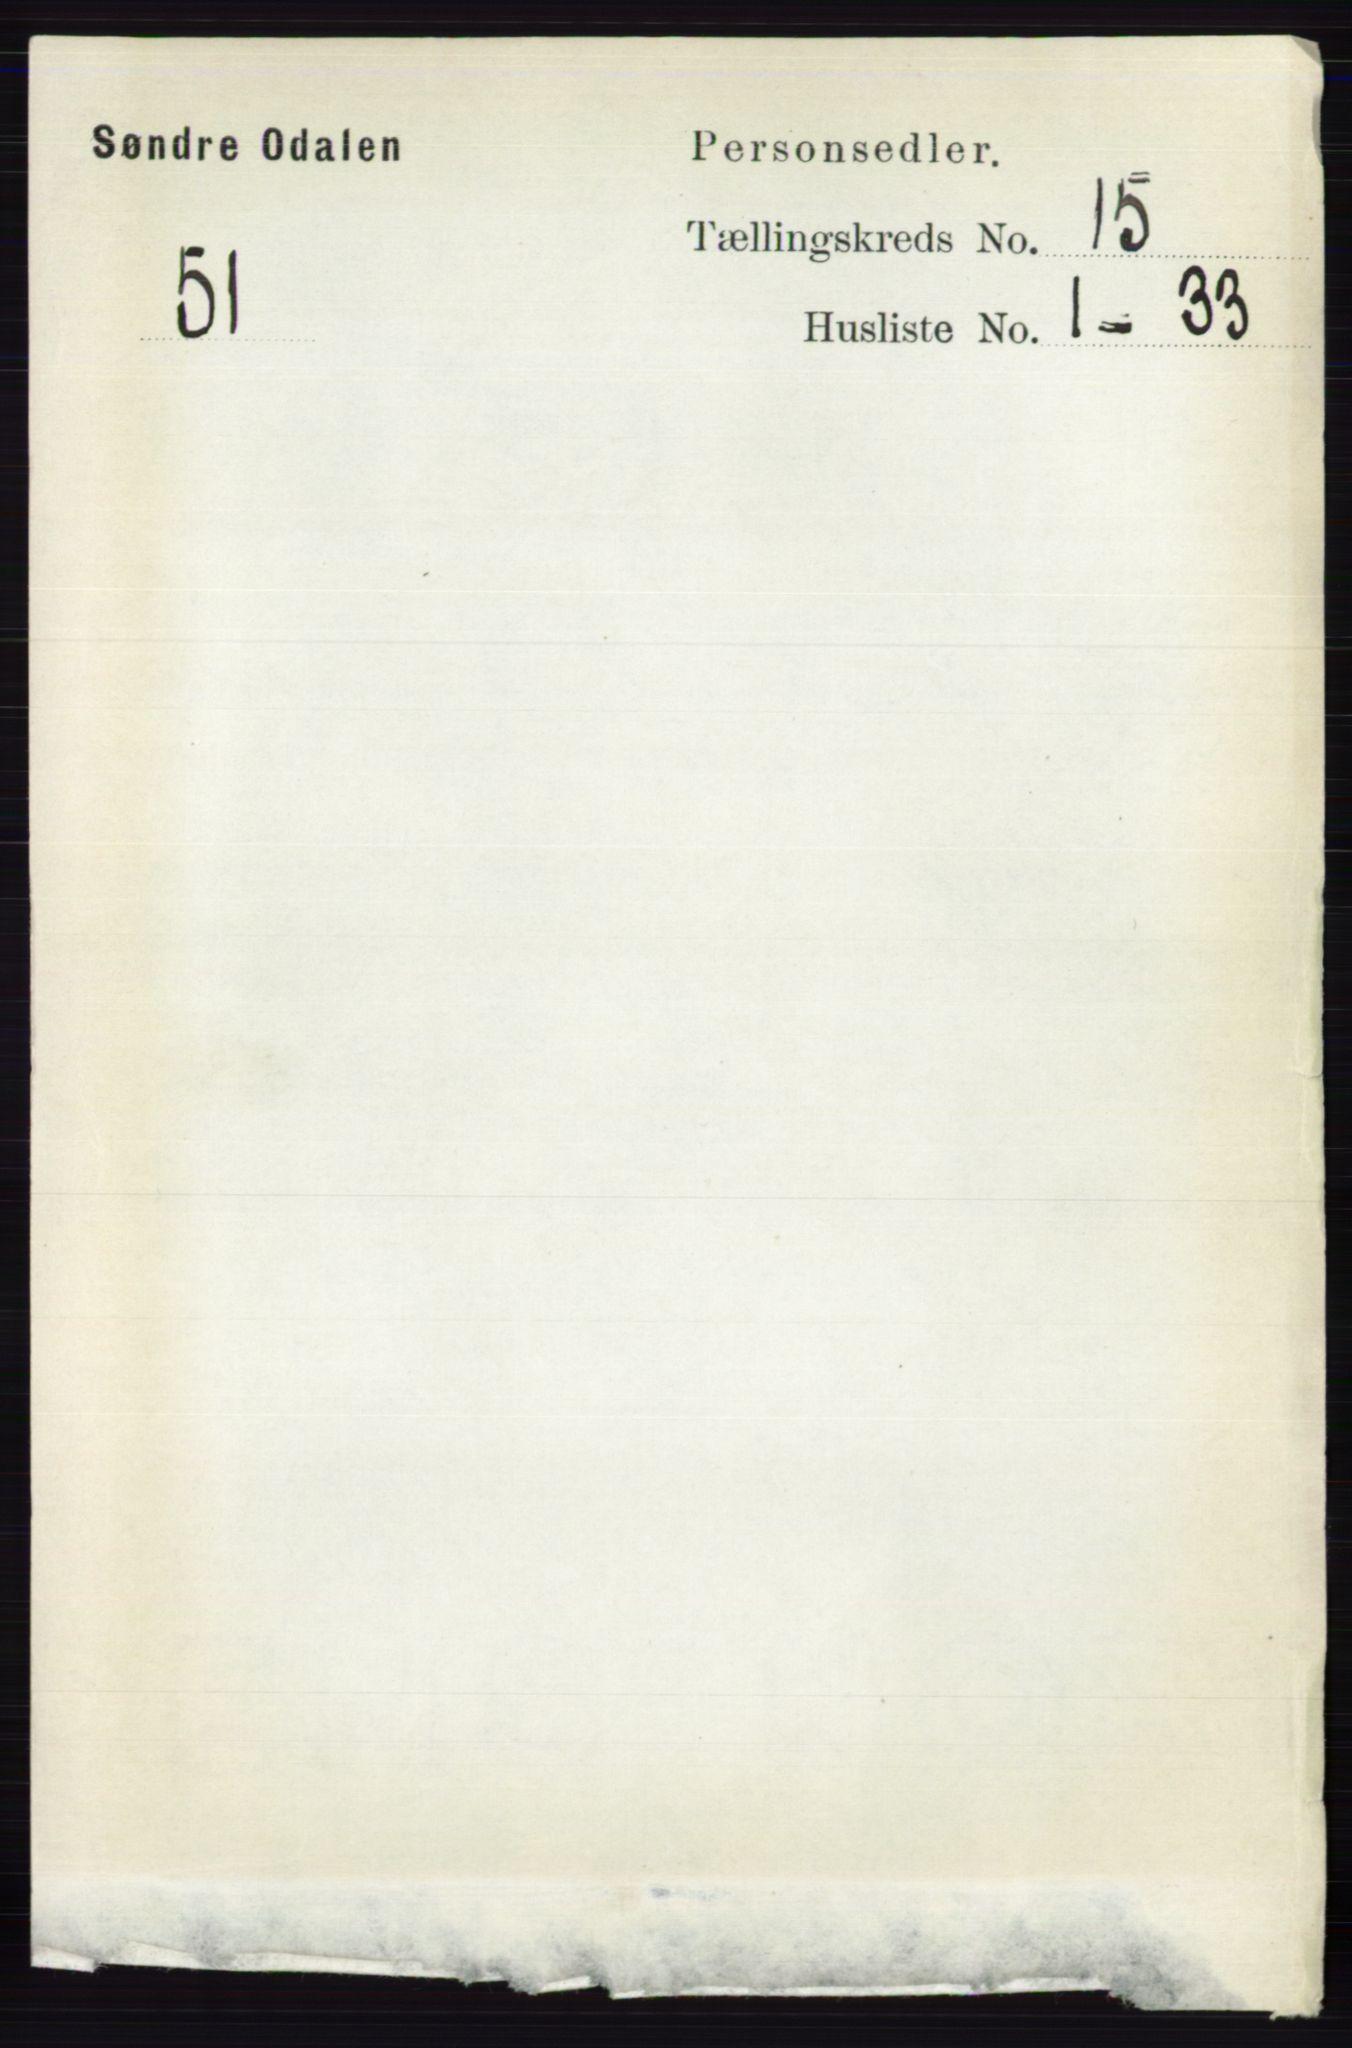 RA, Folketelling 1891 for 0419 Sør-Odal herred, 1891, s. 6572